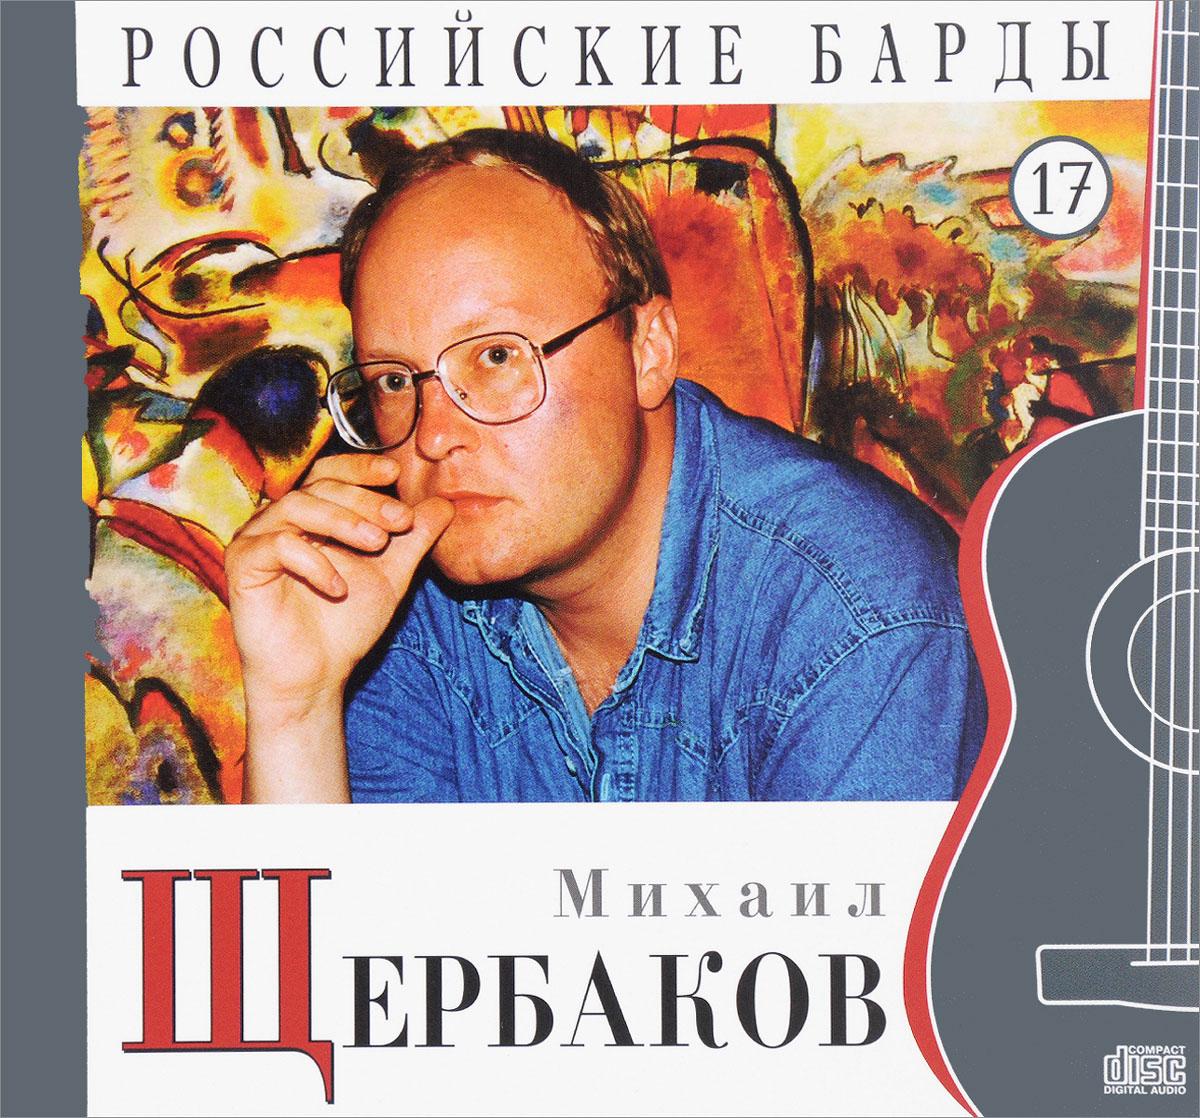 Российские барды, книга CD, том 17, Михаил Щербаков